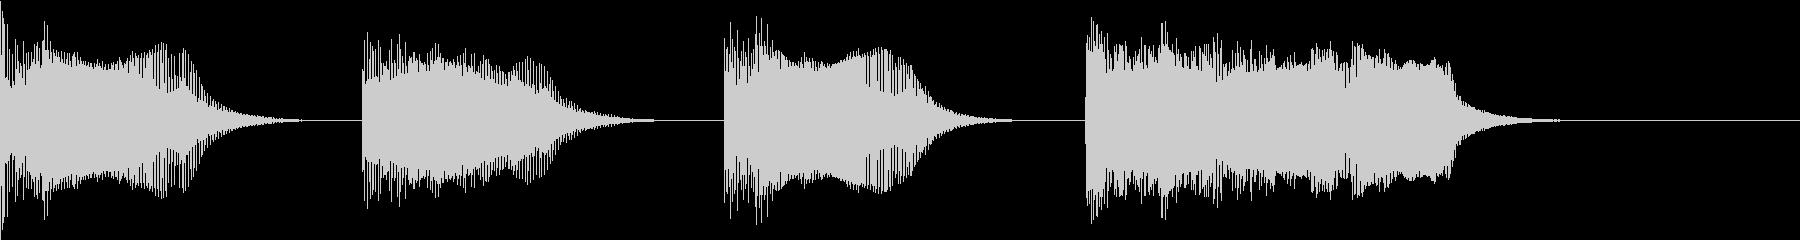 レーススタート合図5 カウントダウン の未再生の波形